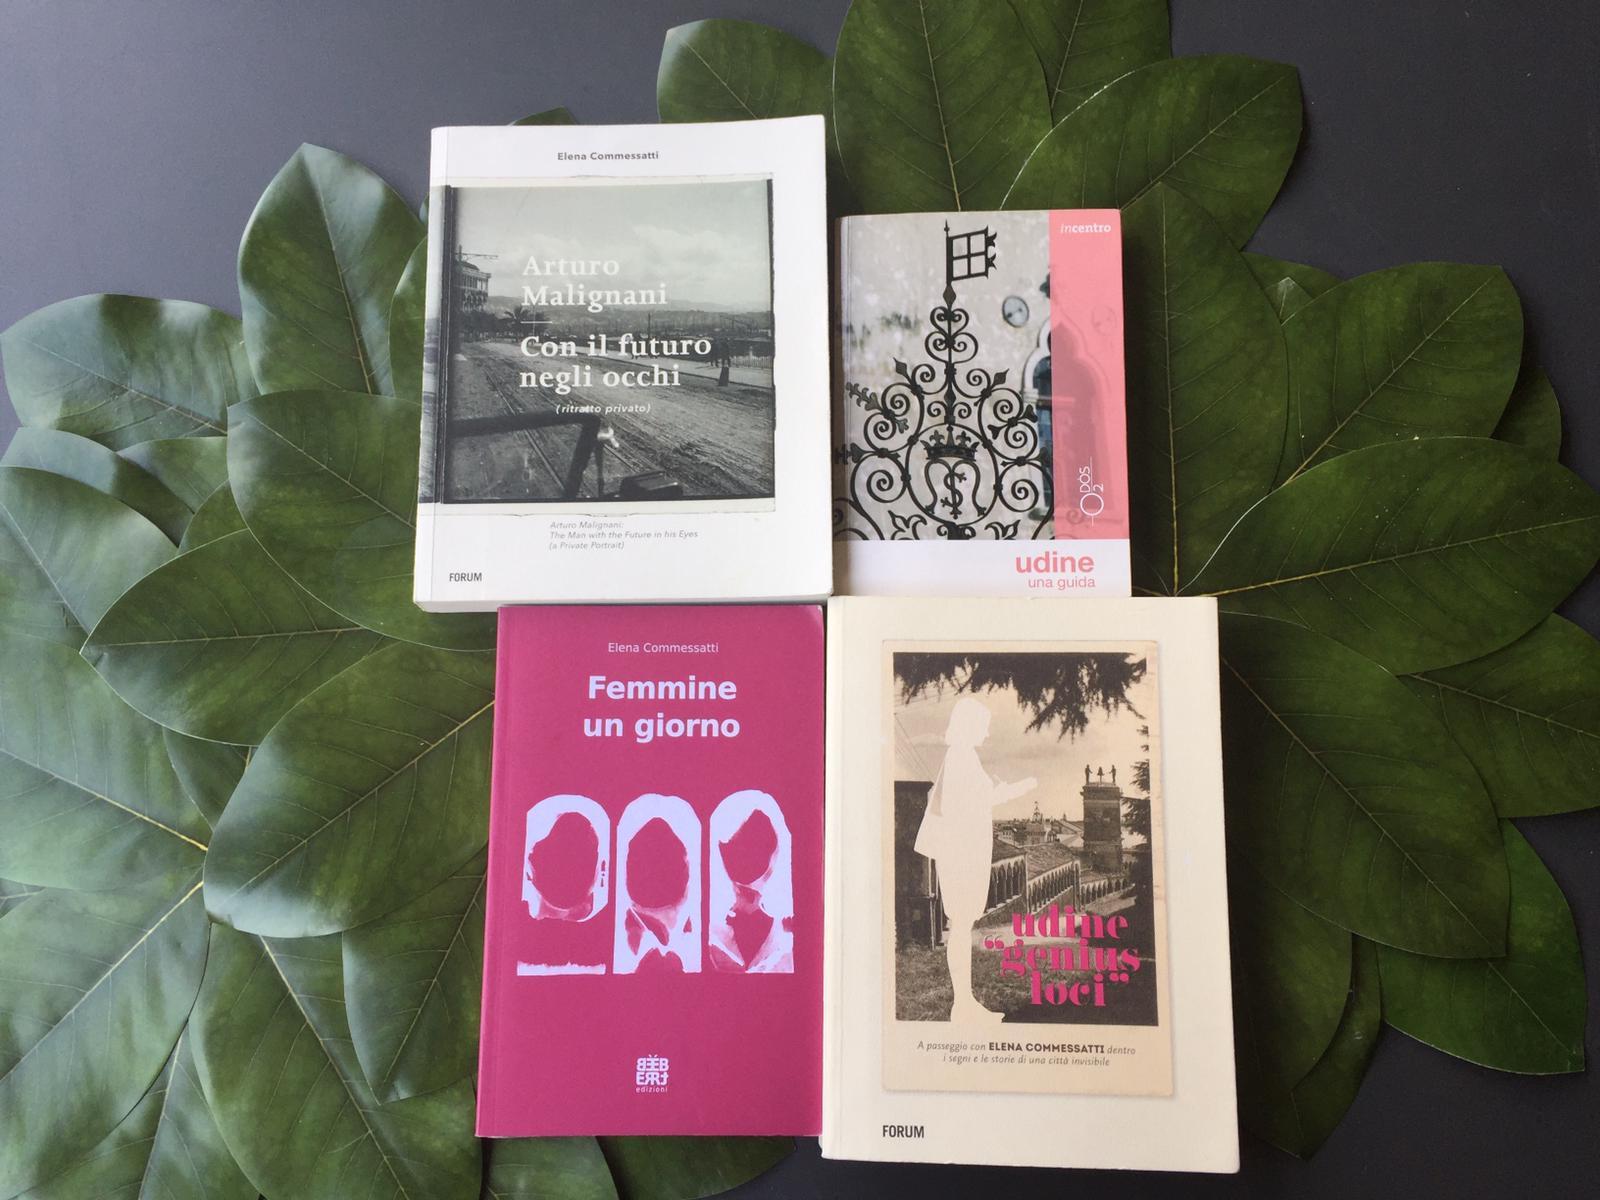 Scrittrice e giornalista, Elena Commessatti è autrice di diverse guide turistiche che raccontano itinerari e luoghi di un'altra Udine